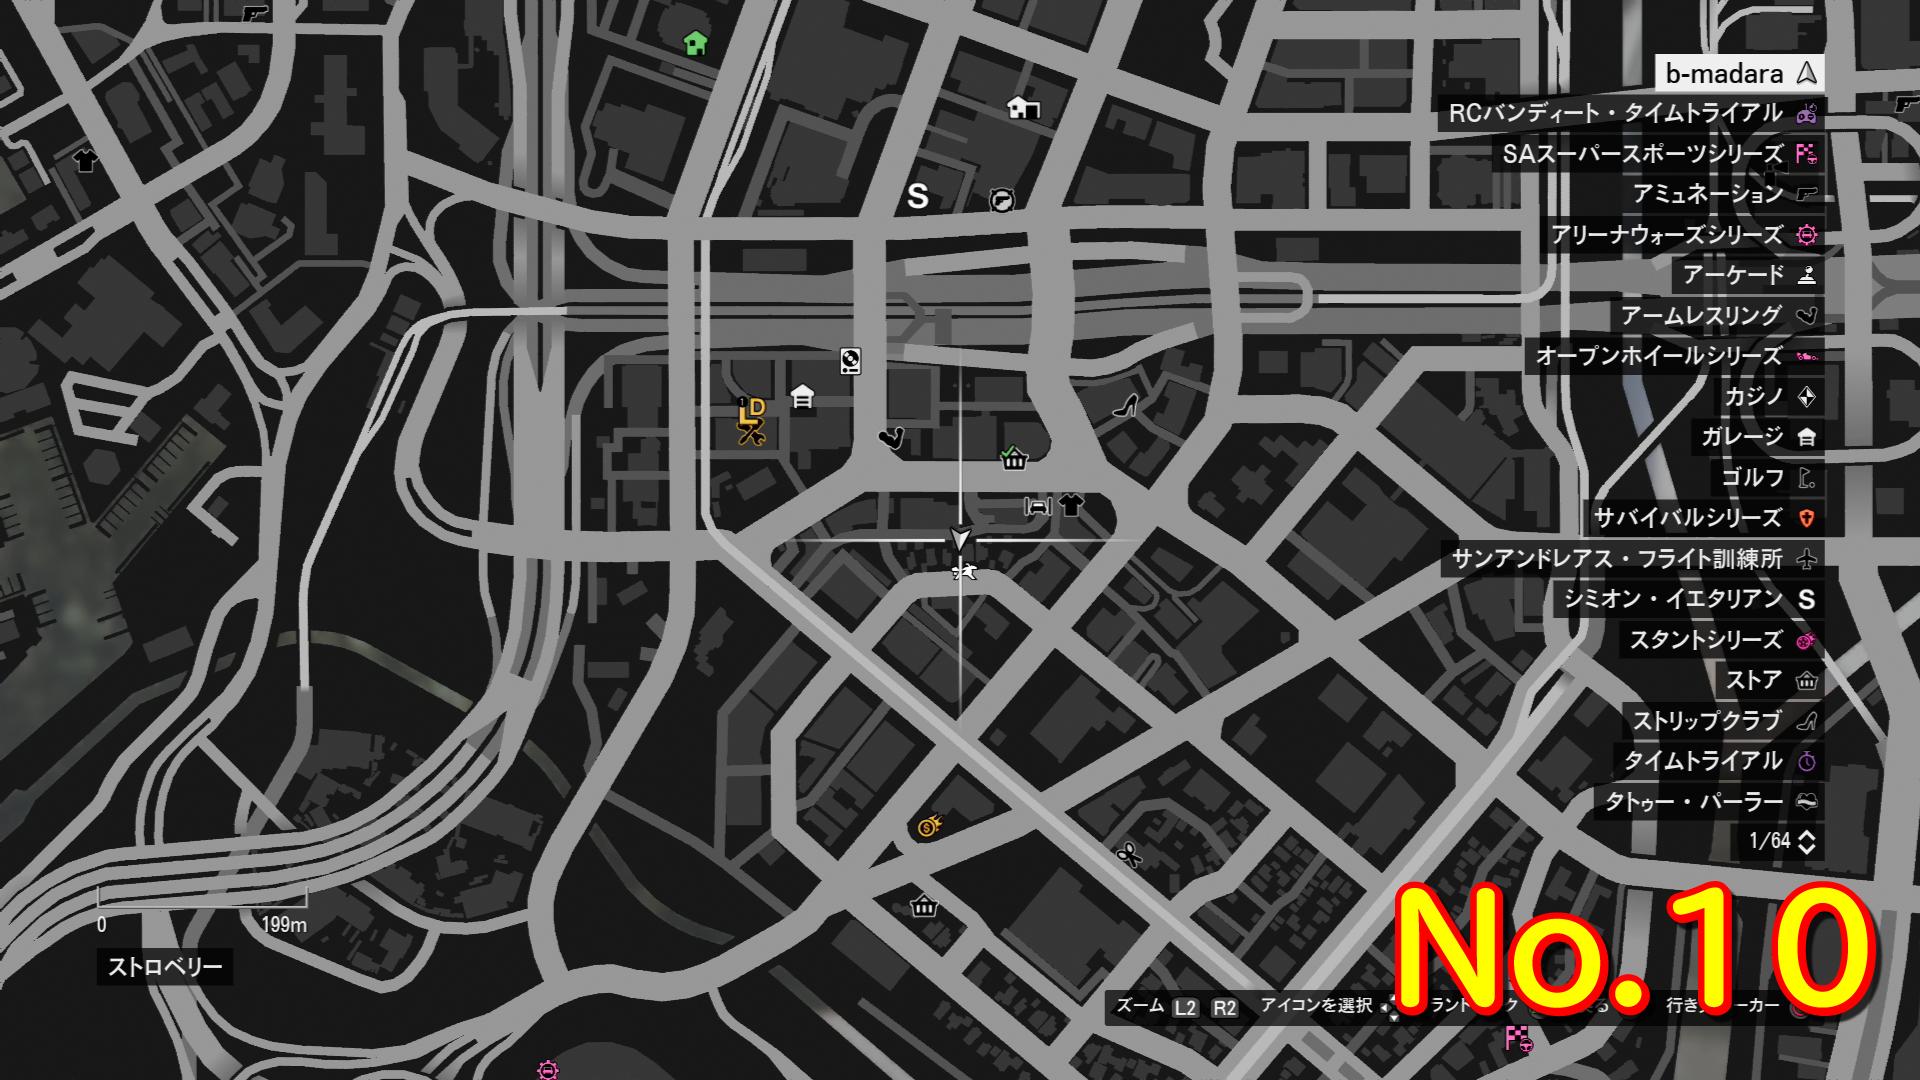 サボテン グラセフ 5 「グランド・セフト・オートV」,プレイヤーが動物に変身できるサボテンの実「ペヨーテ」と,ストリートアート「モンキーモザイク」に関する情報が公開